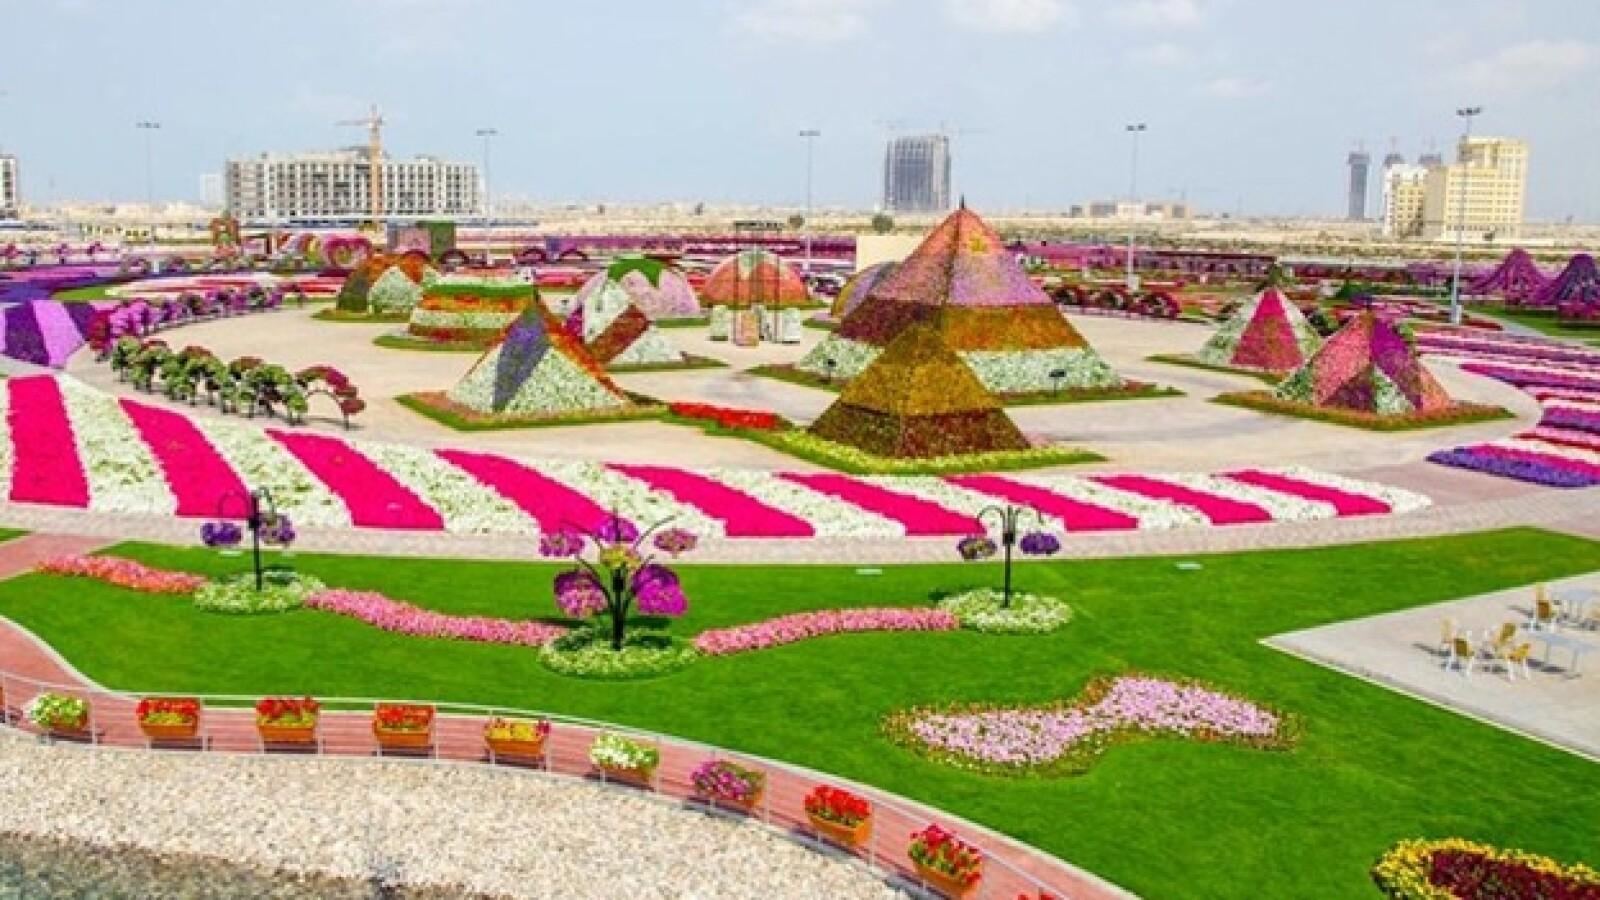 Dubai Miracle Garden Jardin de flores en Dubai